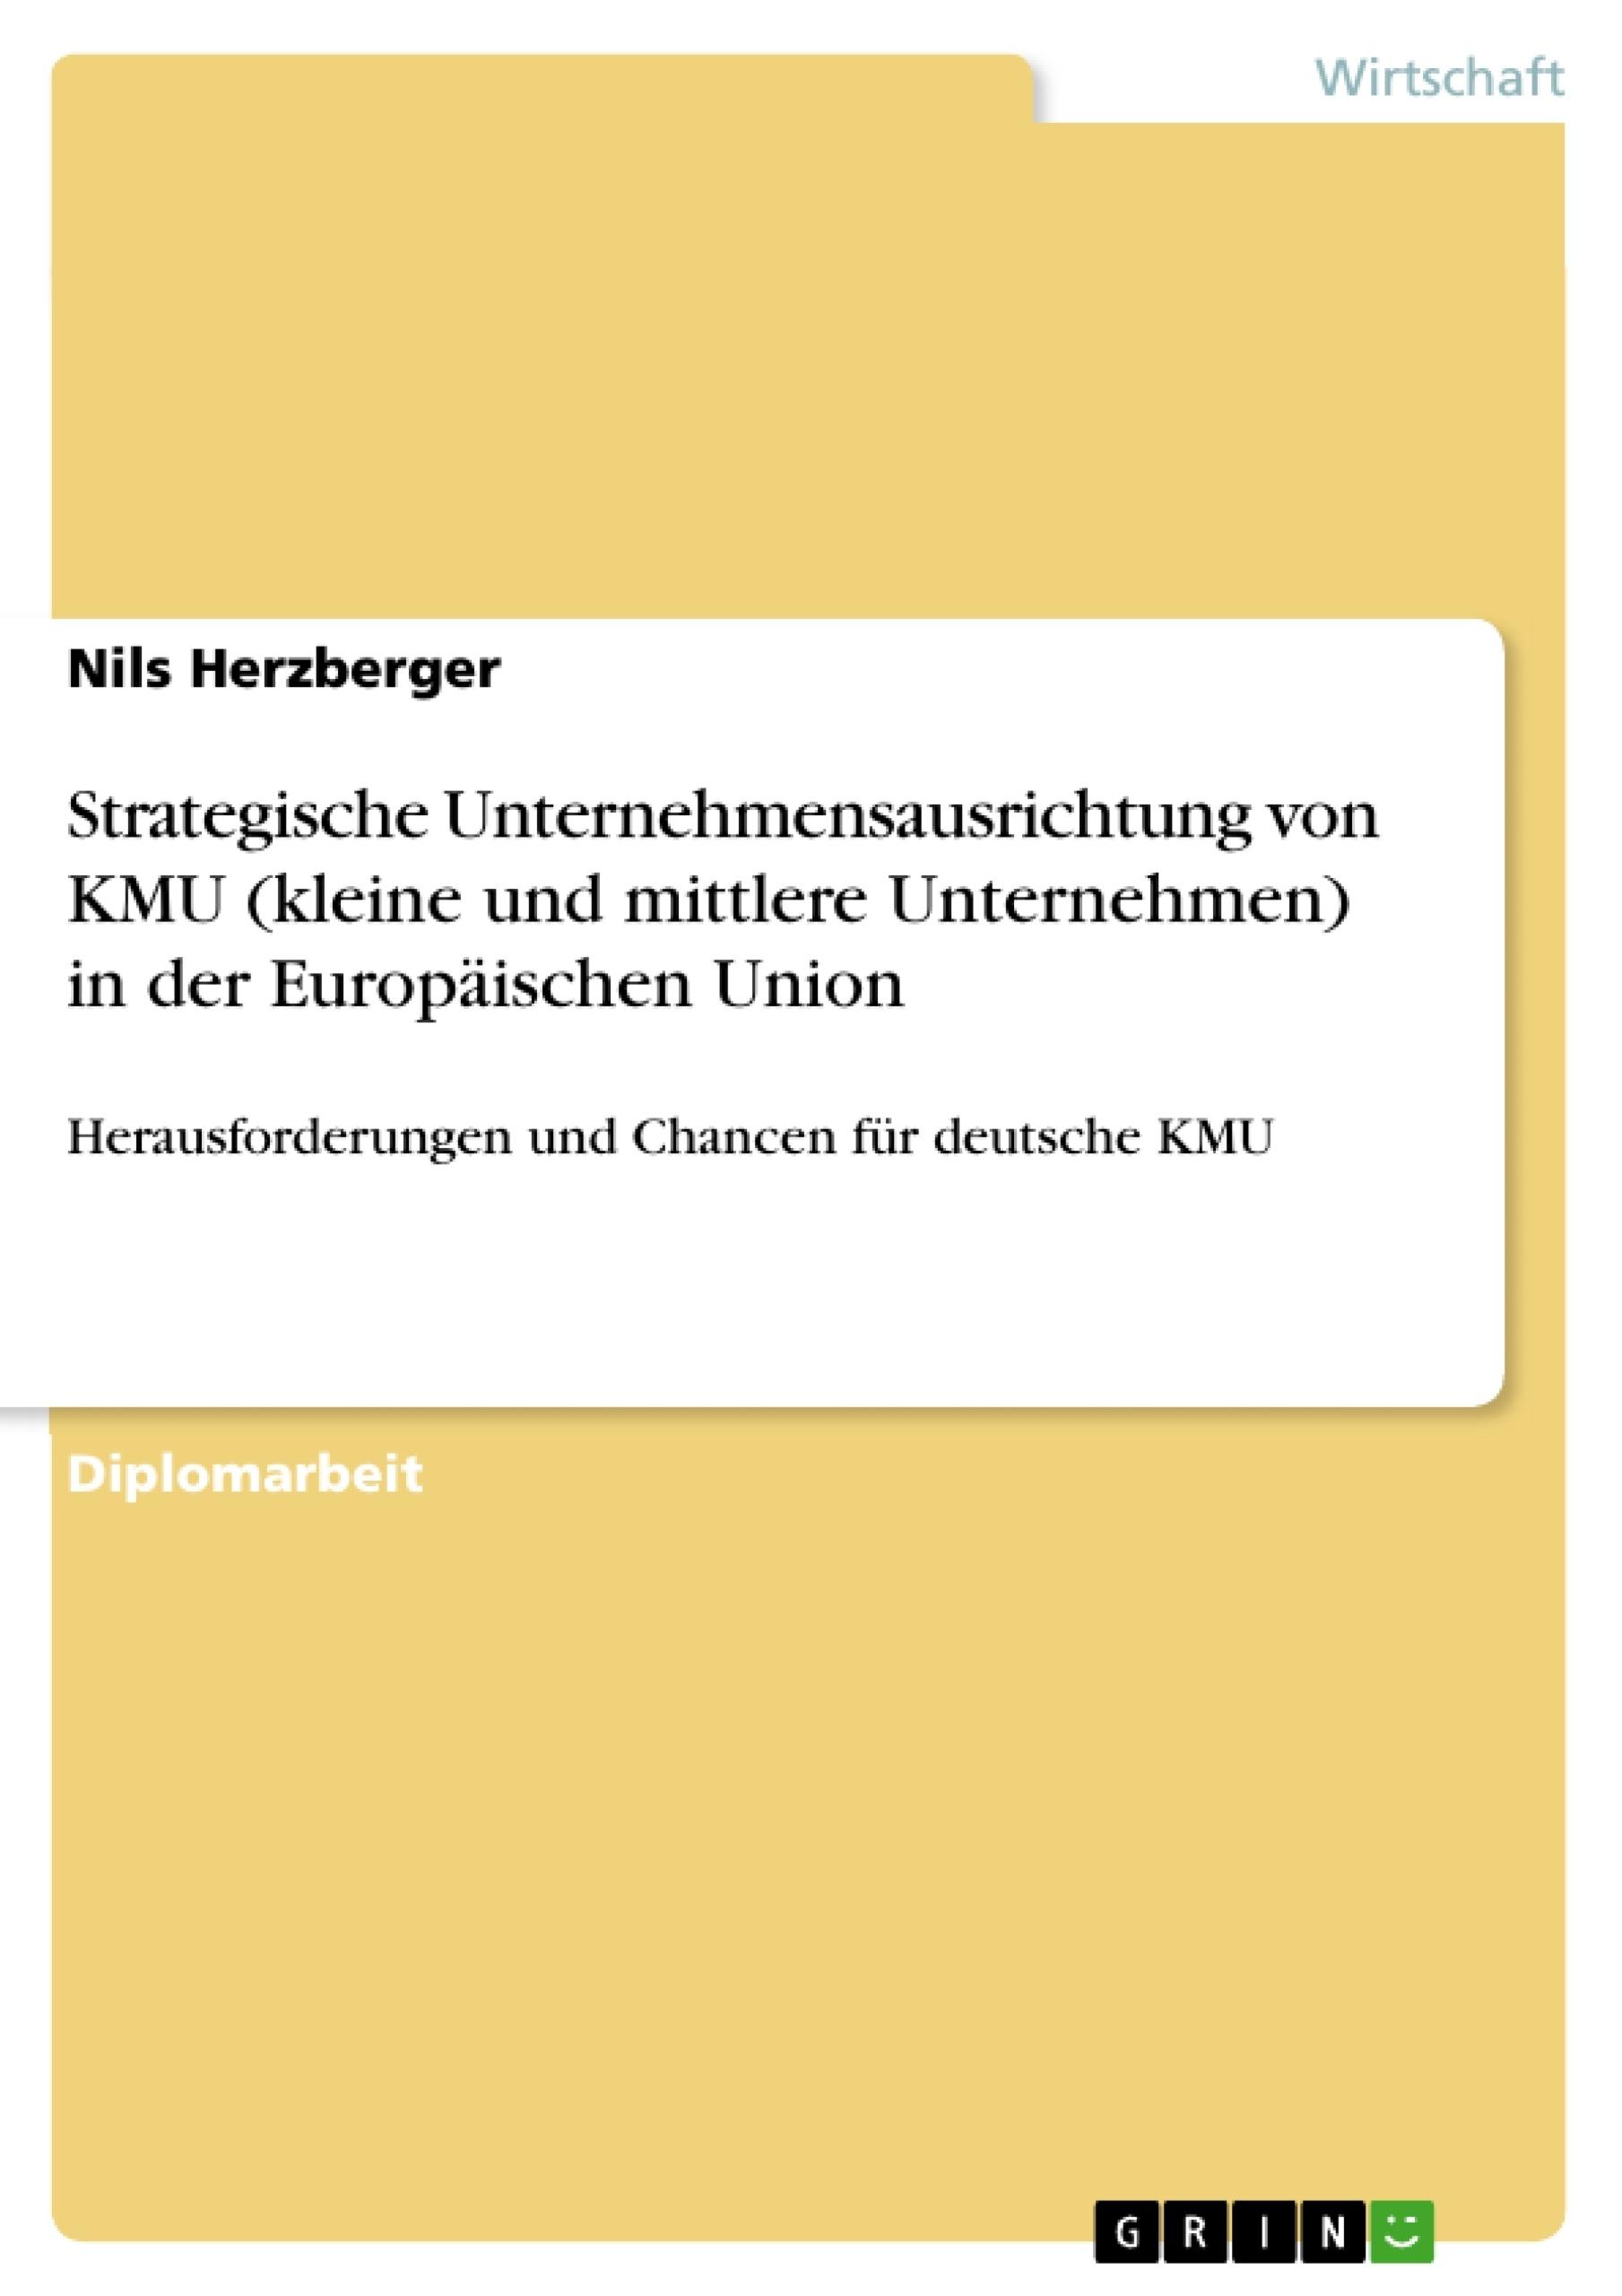 Titel: Strategische Unternehmensausrichtung von KMU (kleine und mittlere Unternehmen) in der Europäischen Union